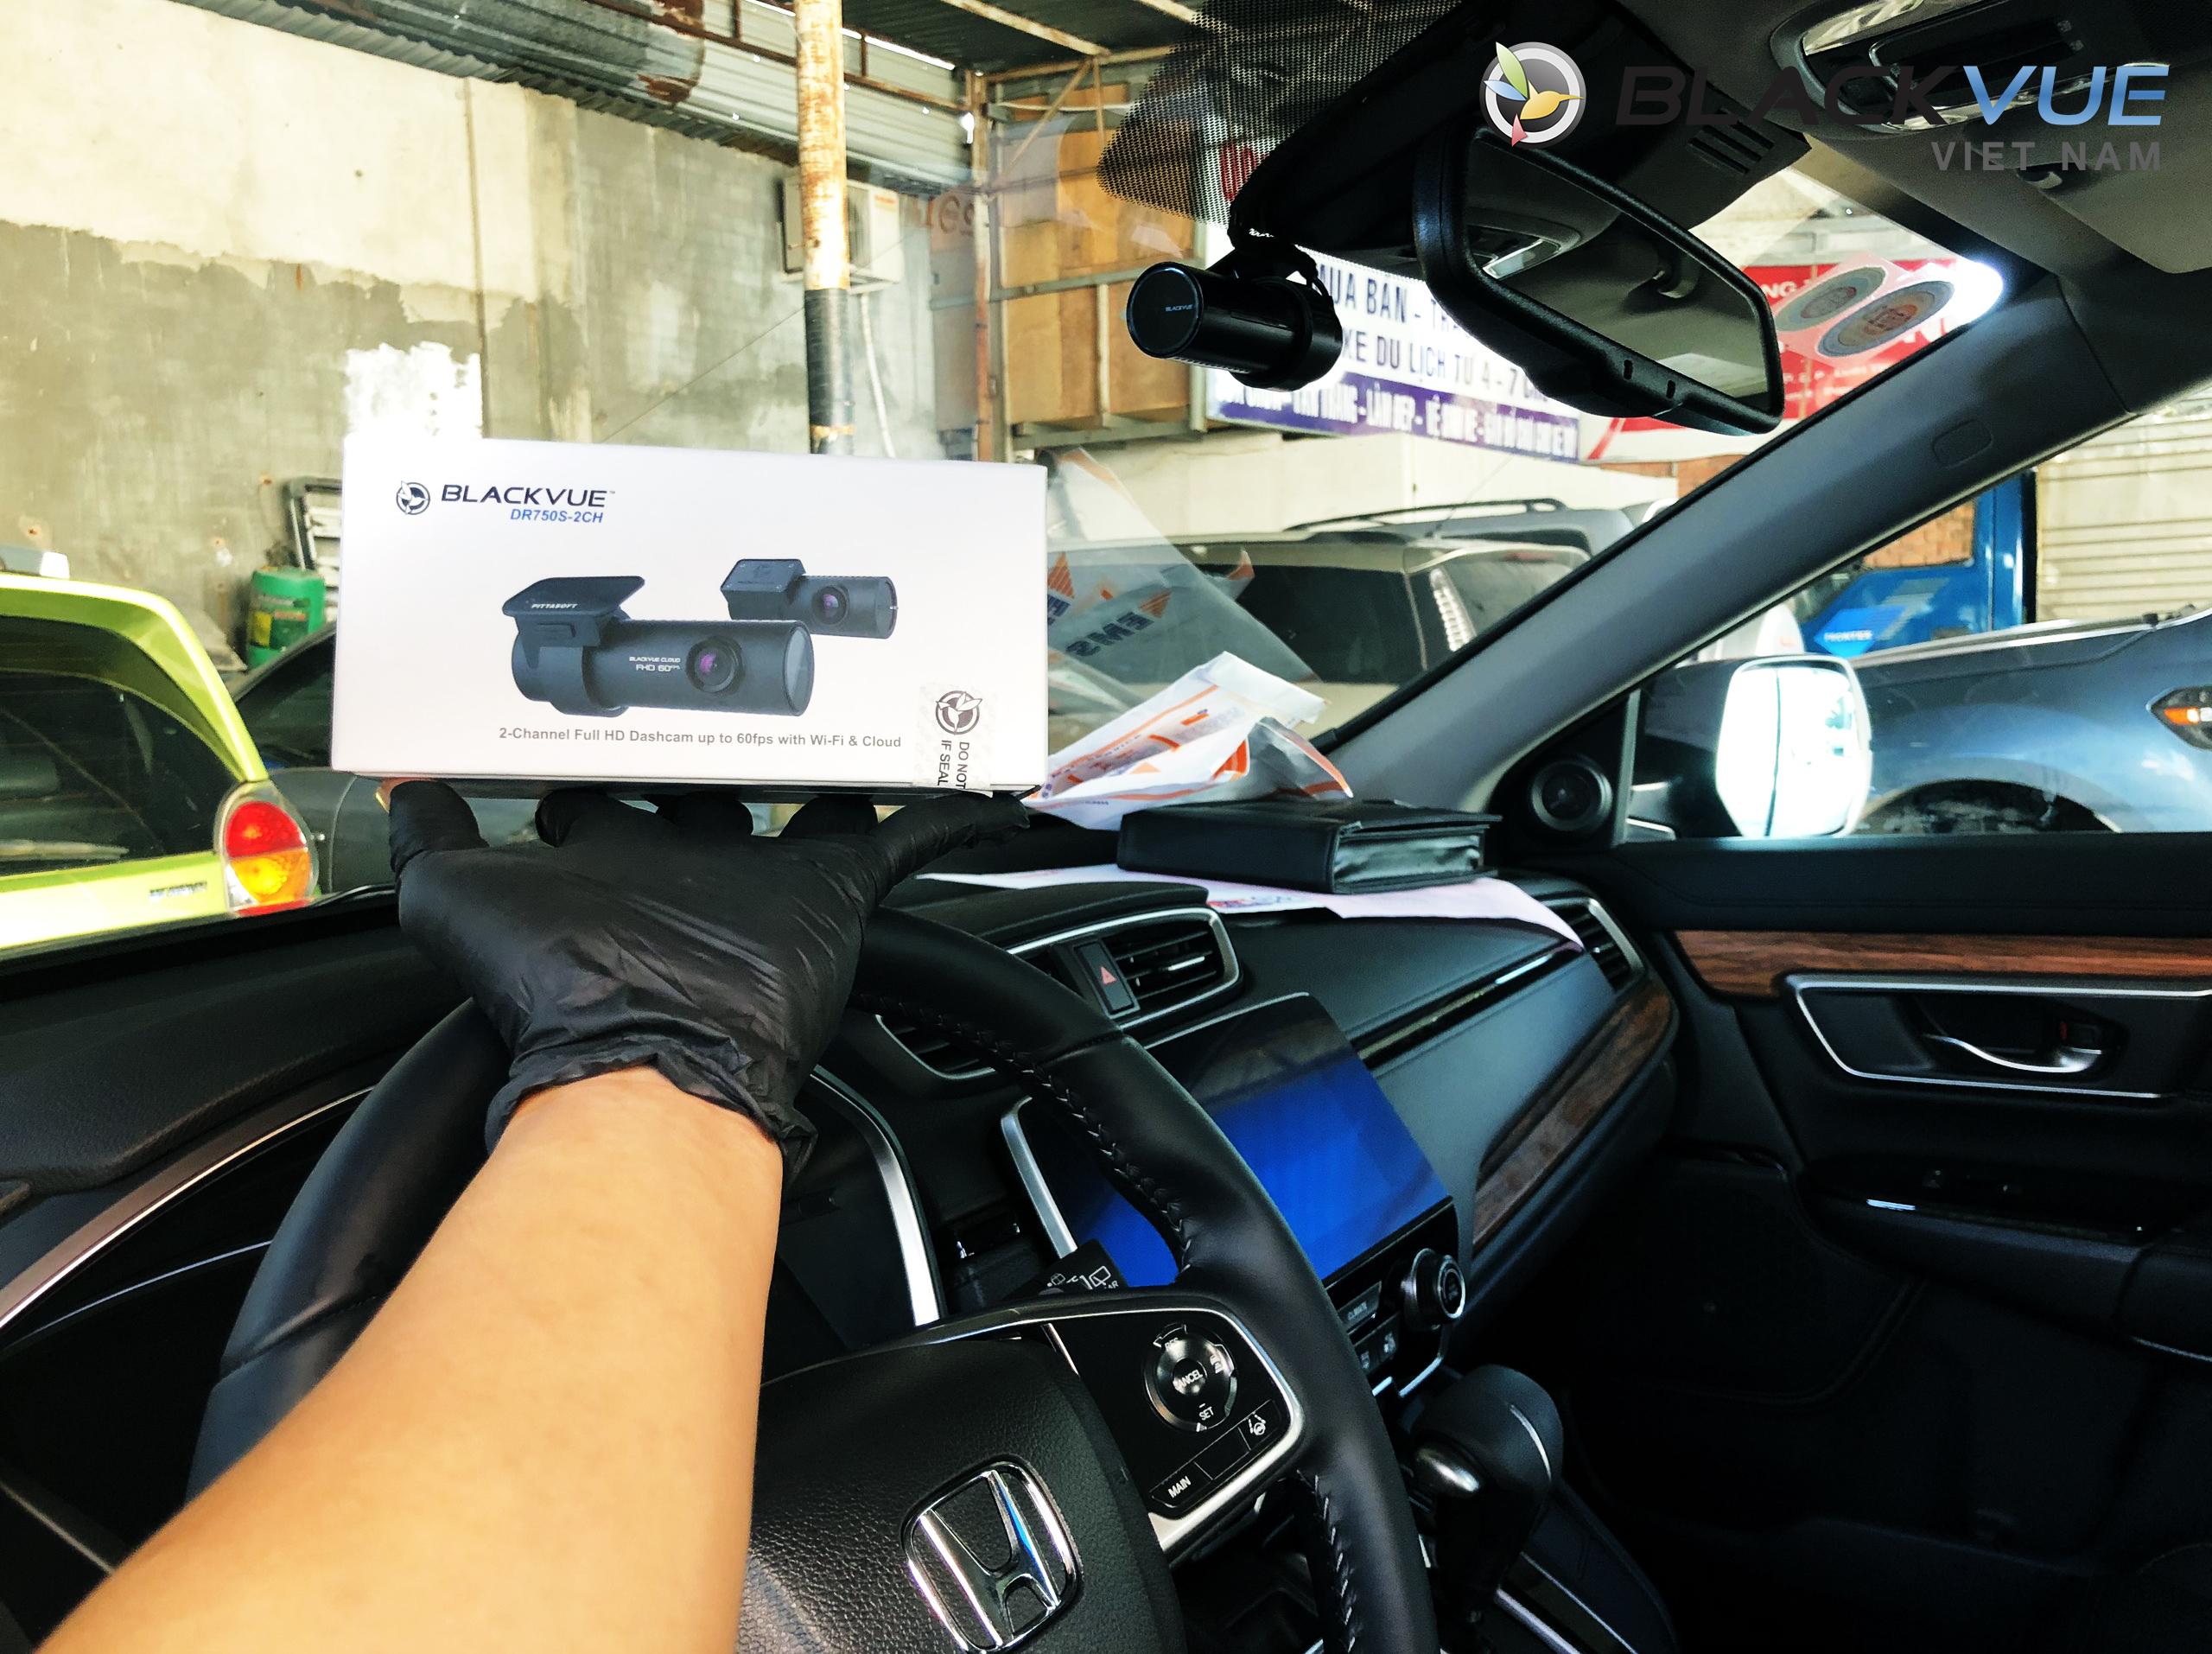 z2094579261783 bf53cf4edad0e08ba364287dc22bb233 - Blackvue phù hợp với mọi loại xe ô tô